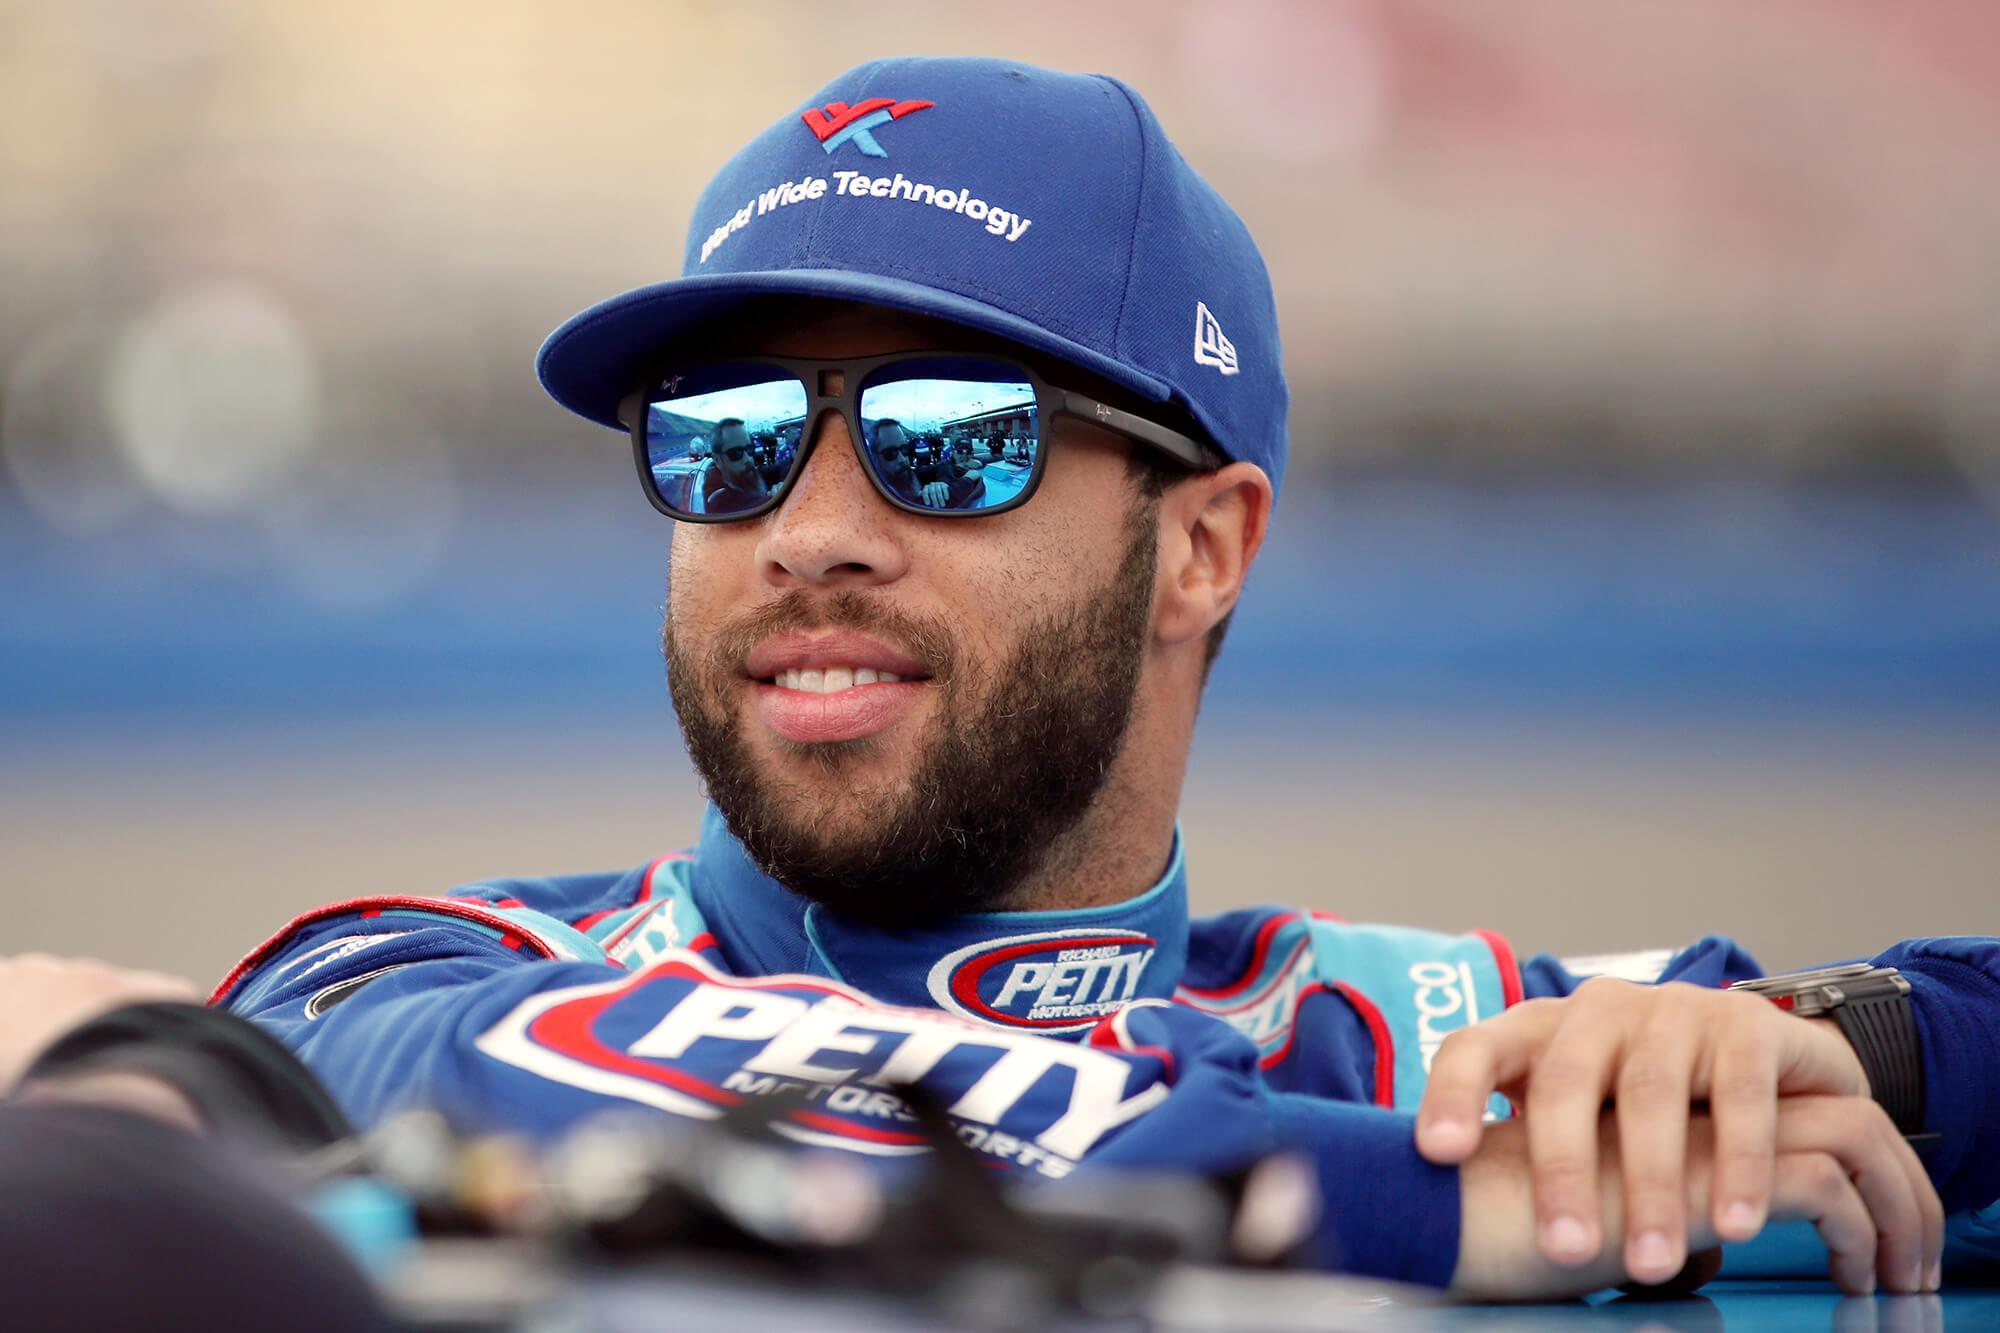 NASCAR гонки гонщик